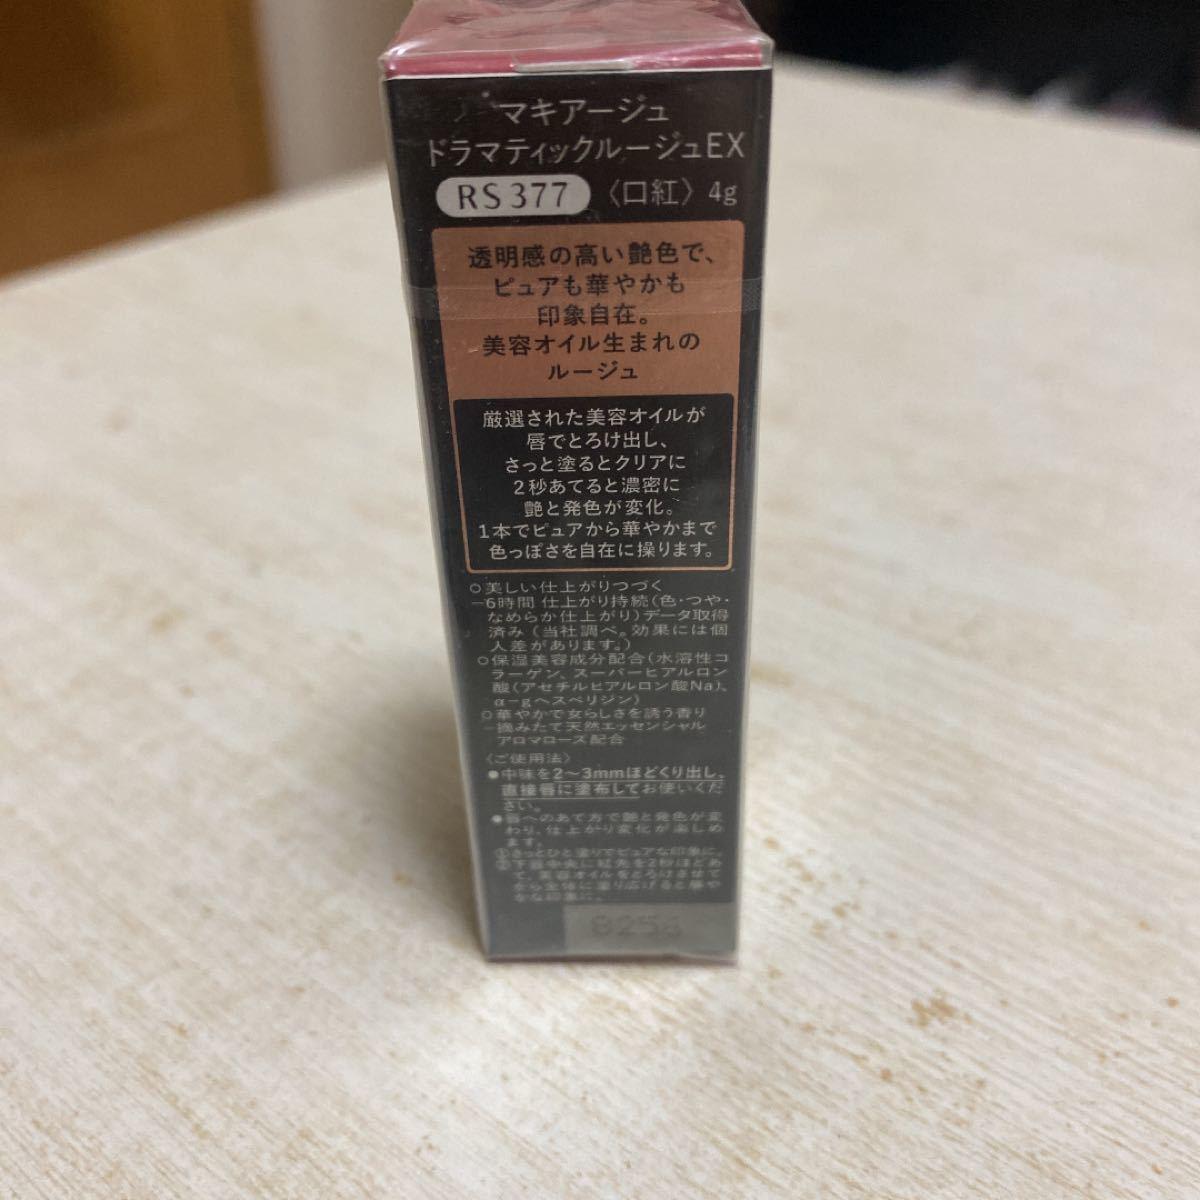 マキアージュ ドラマティックルージュEX RS377 4g